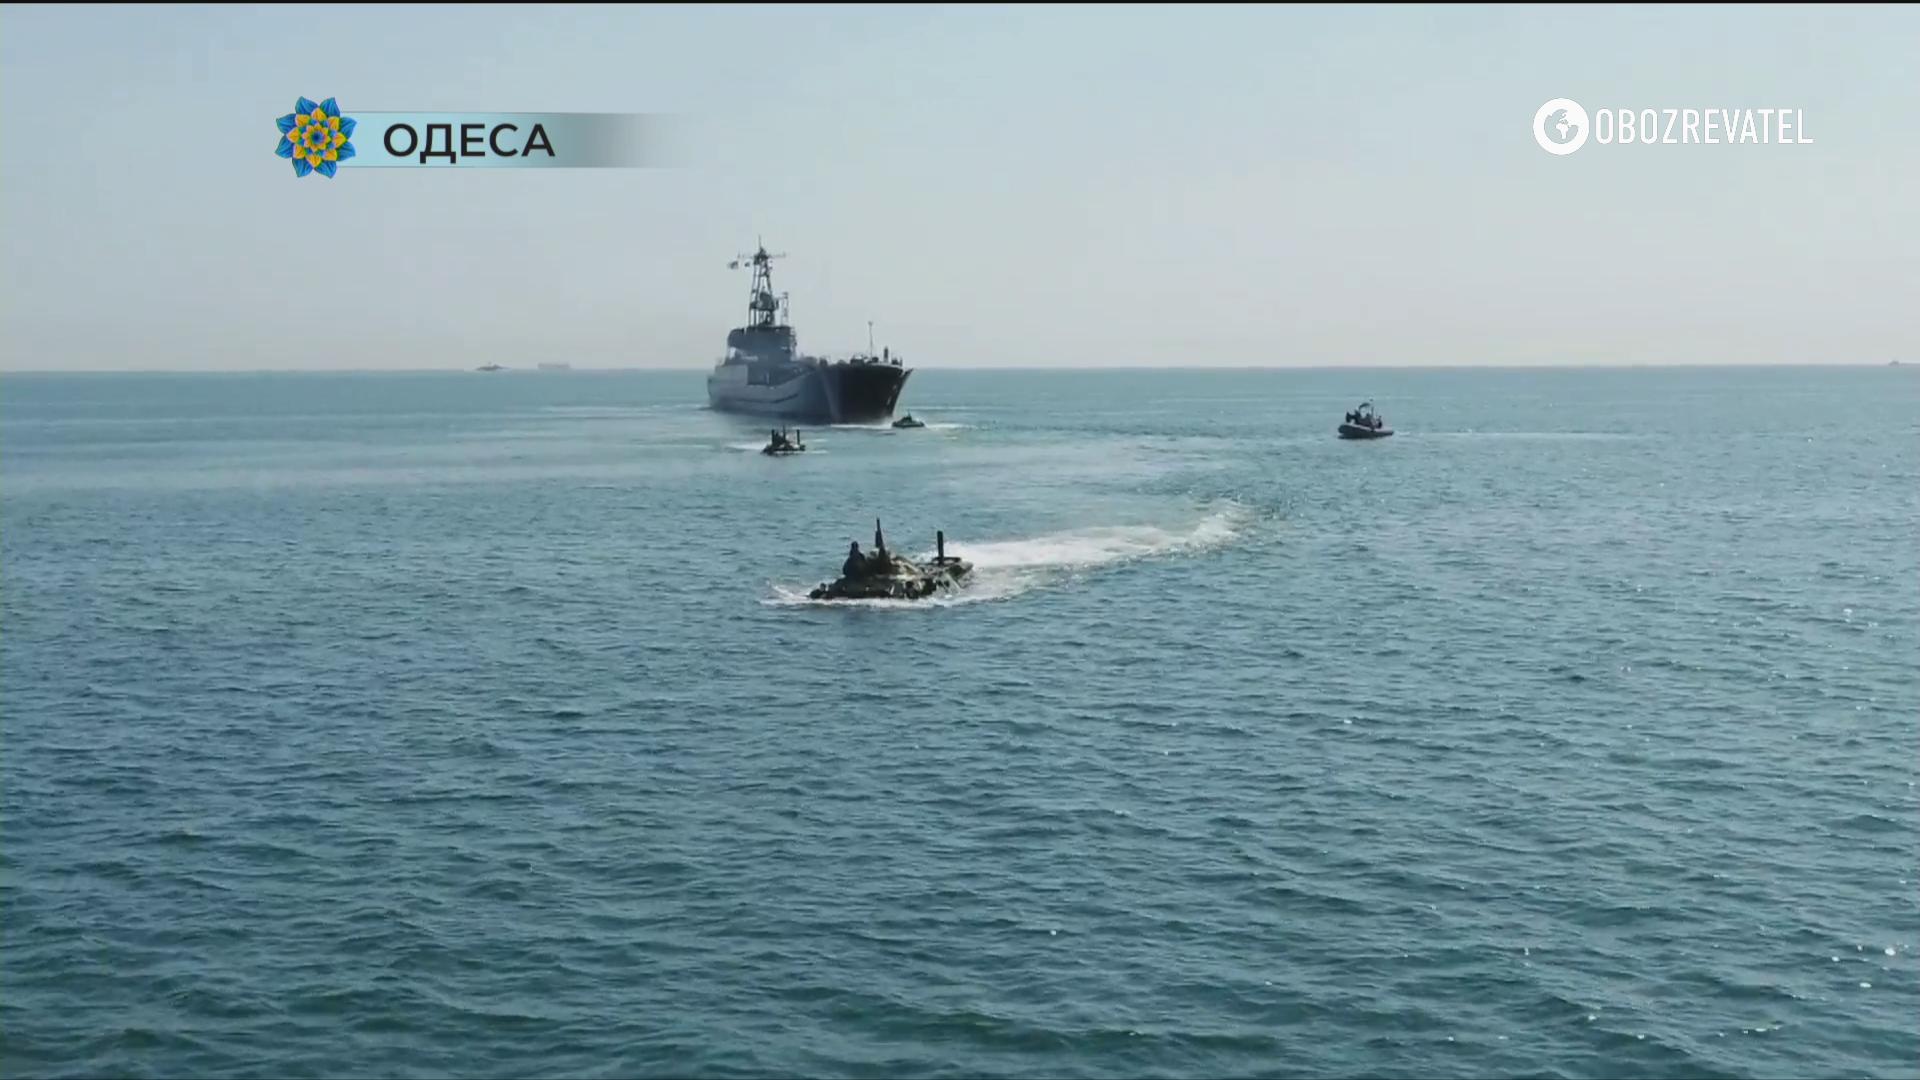 Кораблі в Одесі.